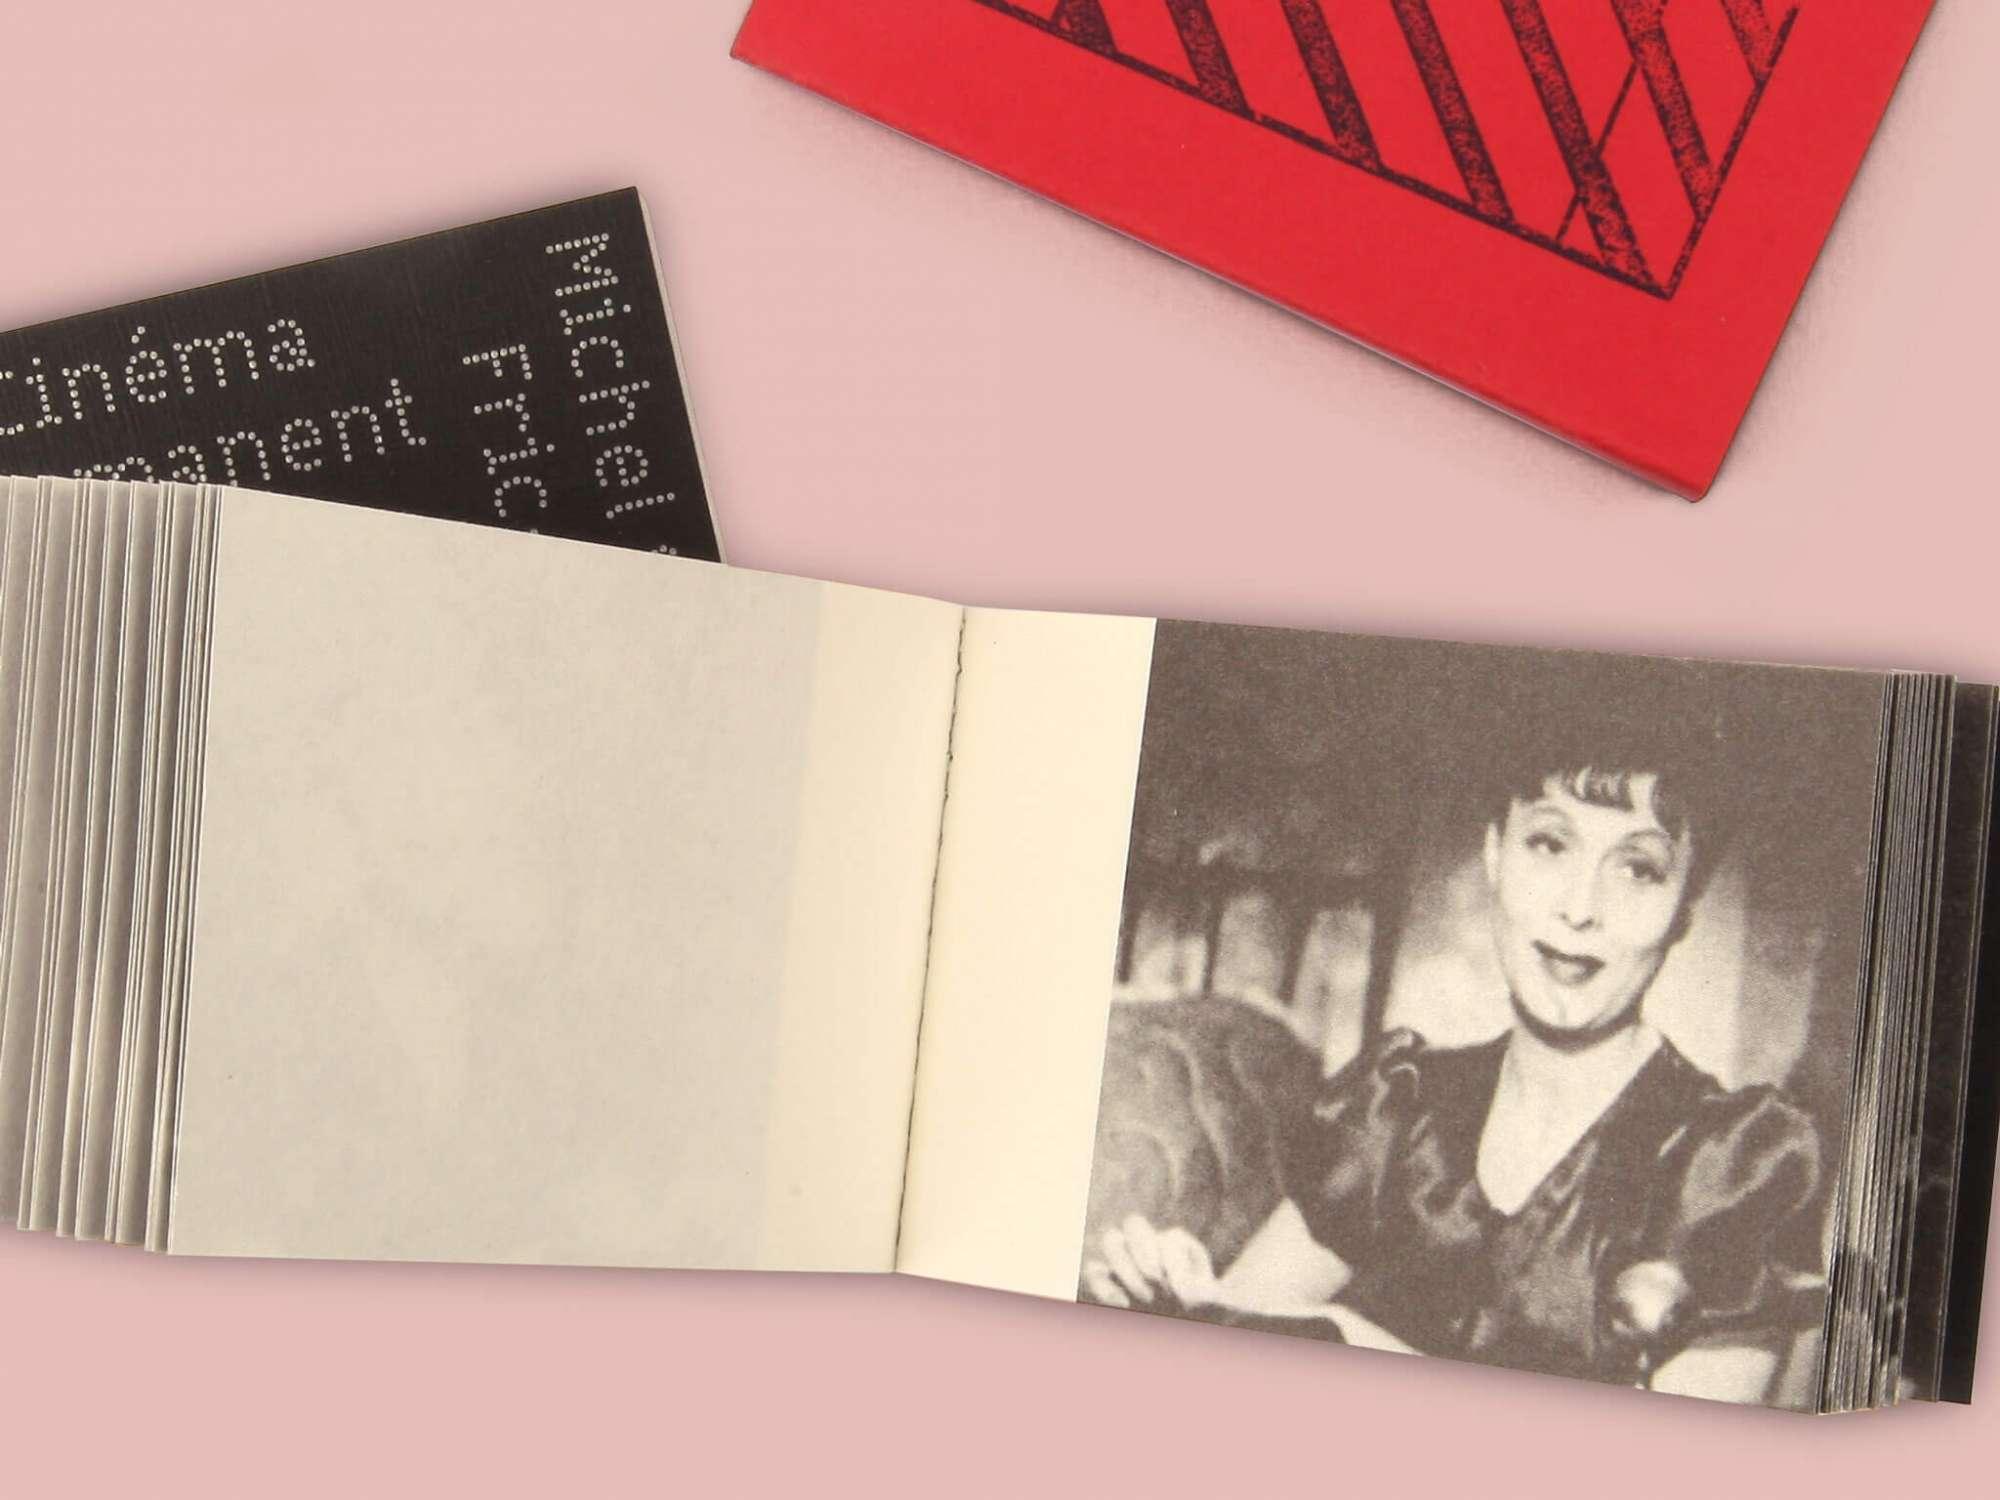 Cinéma permanent - Fric-Frac Éditions cent pages page intérieure Arletty